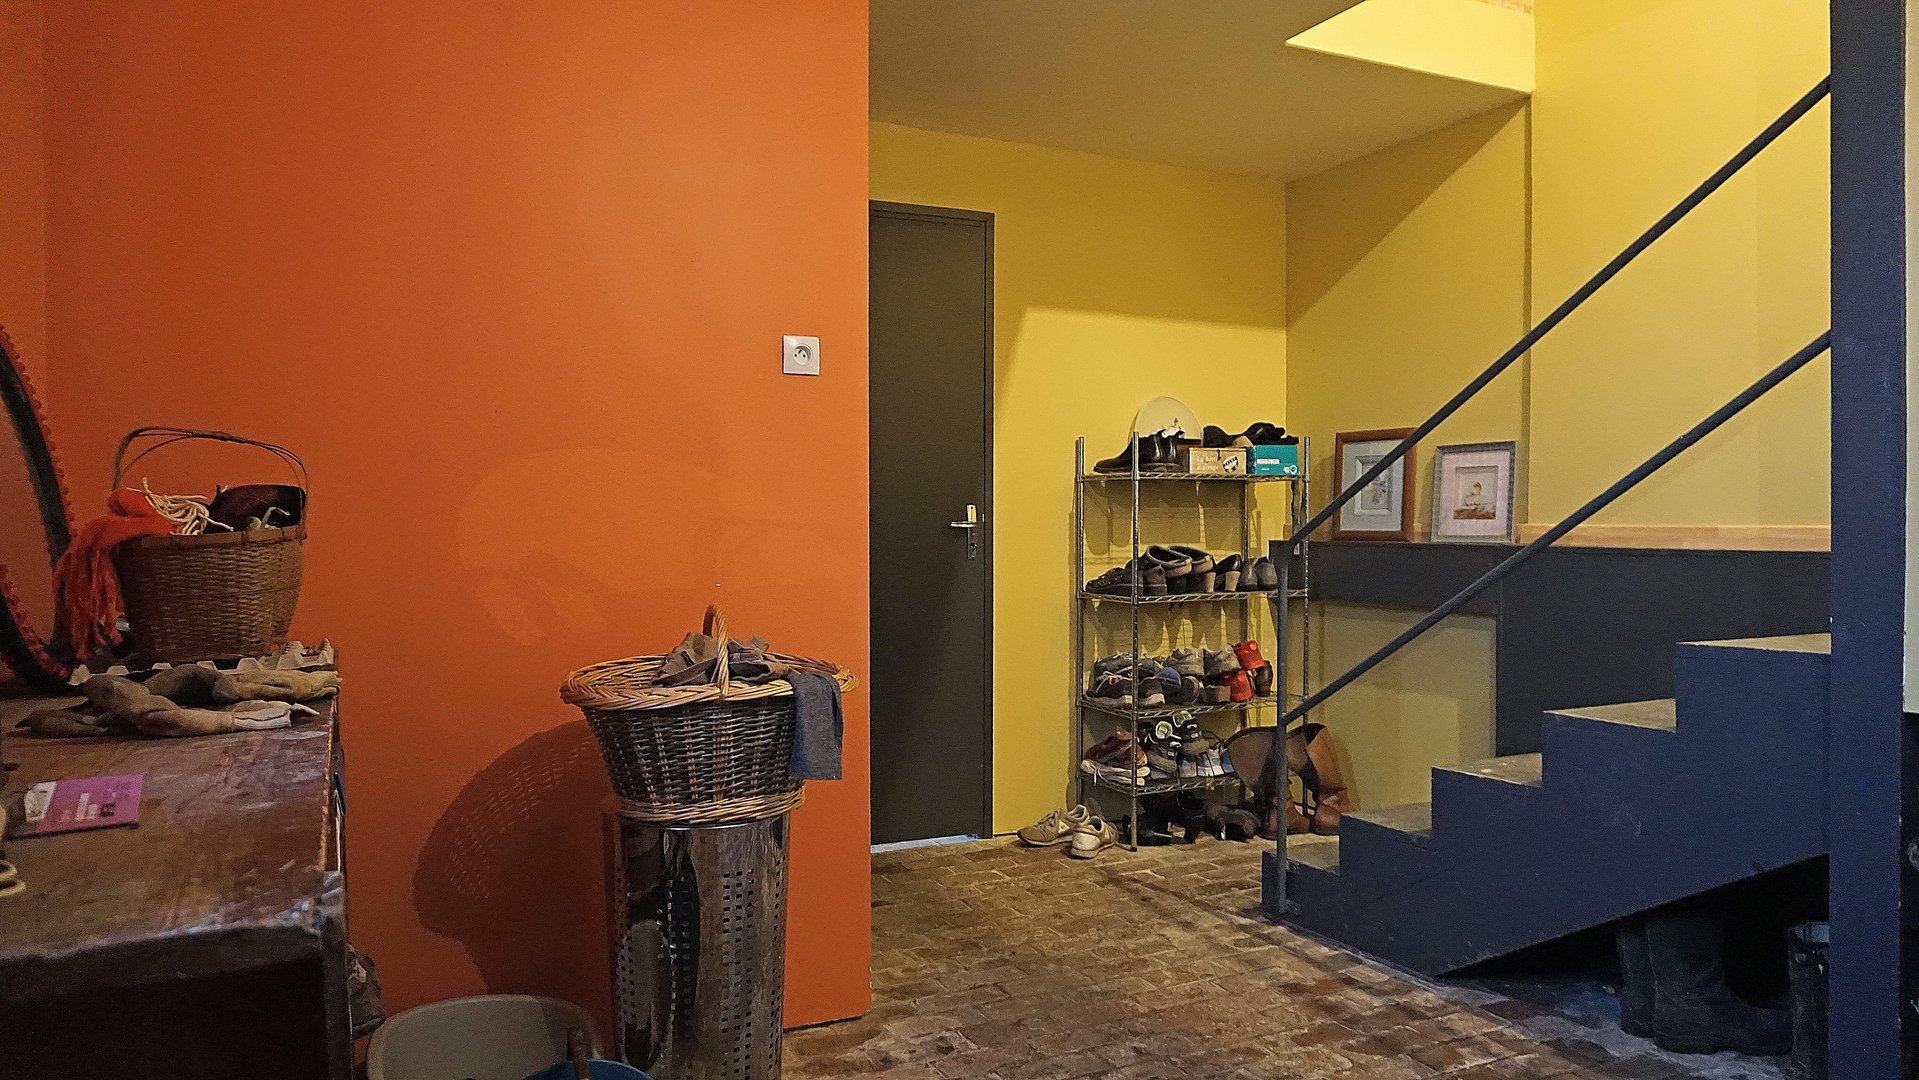 PAYS D'AUGE - CALVADOS Une maison avec des dépendances et du terrain 5ha12a15ca de prairies.